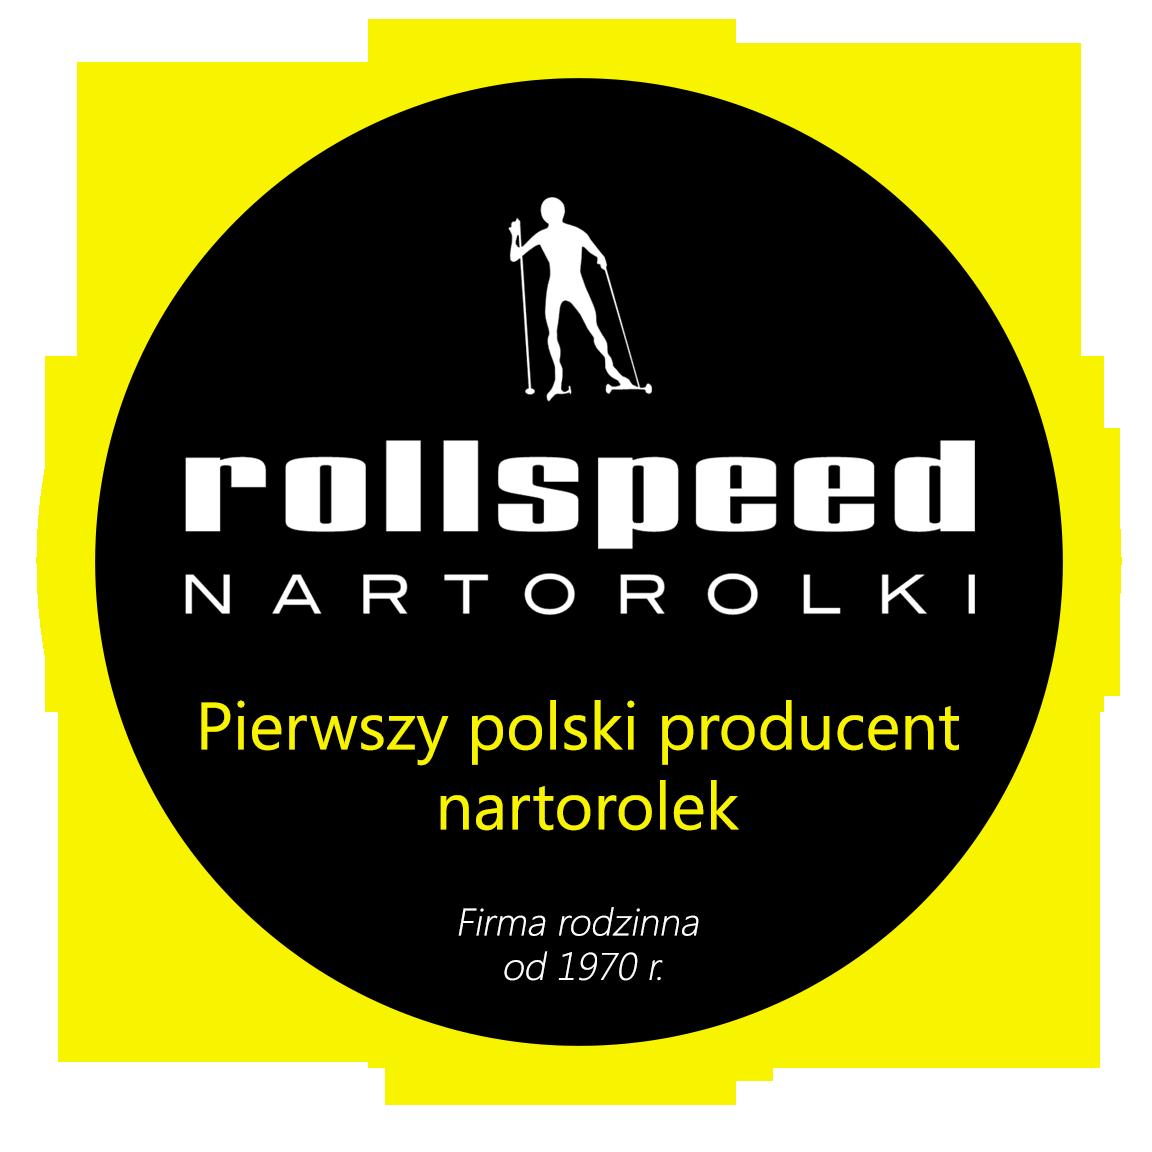 logo round ROLLSPEED _PL - Pierwszy Polski Producent Nartorolek